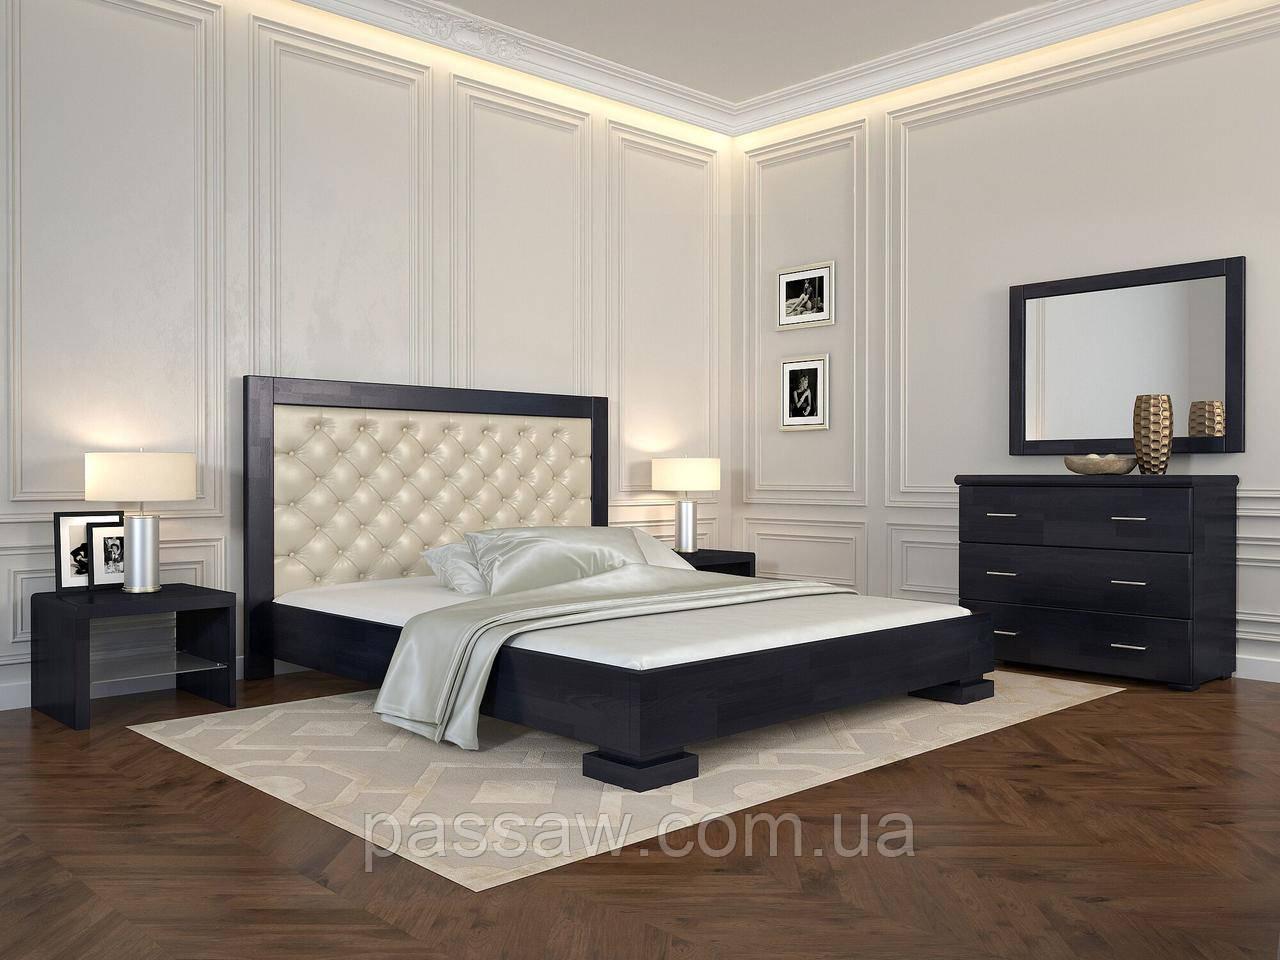 """Кровать деревянная ARBOR DREV  """"Подиум ромбы"""" 1,8 сосна"""